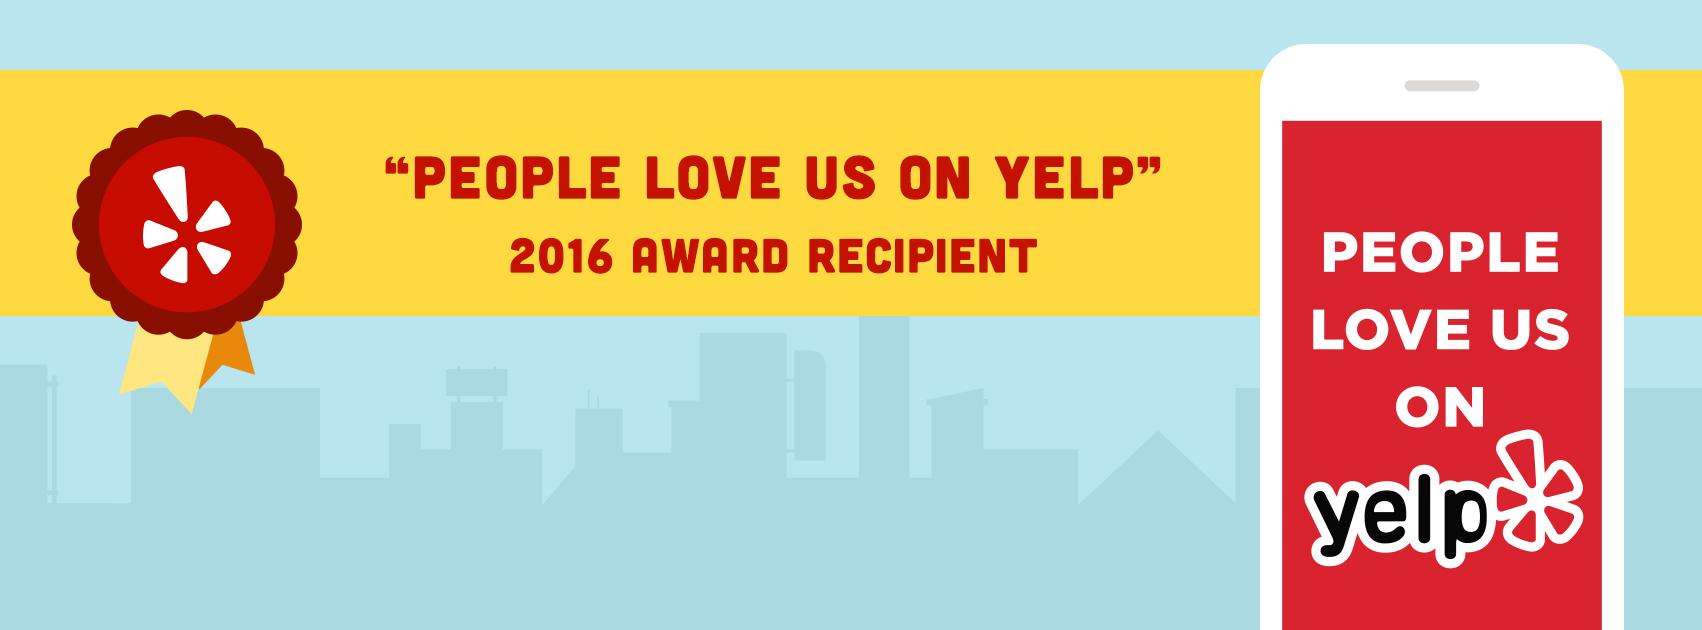 People Love Us On Yelp Header Image